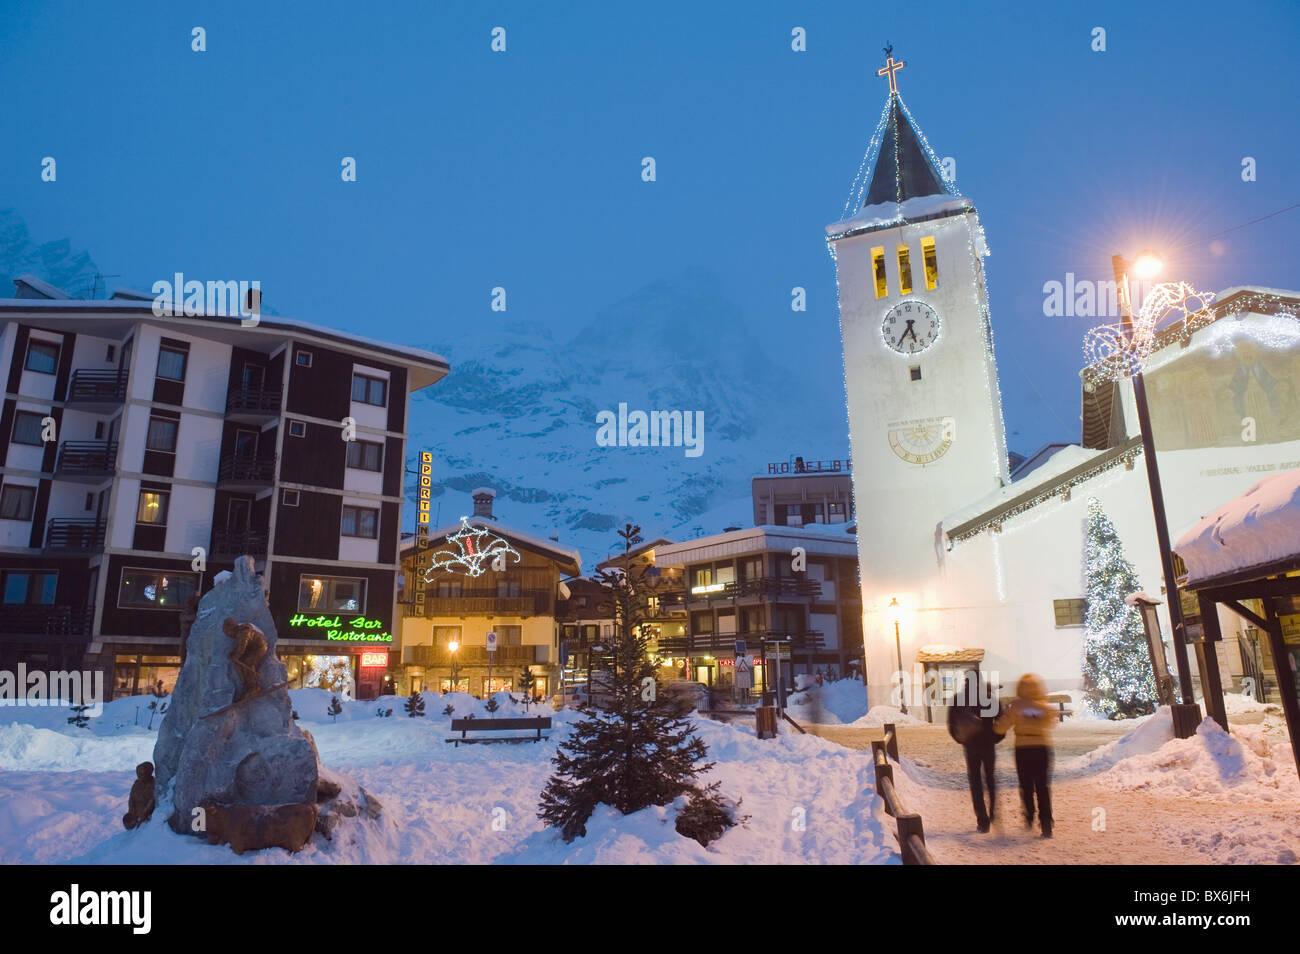 L'église du village et Monte Cervino (le Cervin), Cervinia, Val d'Aoste, Alpes italiennes, l'Italie, l'Europe Banque D'Images